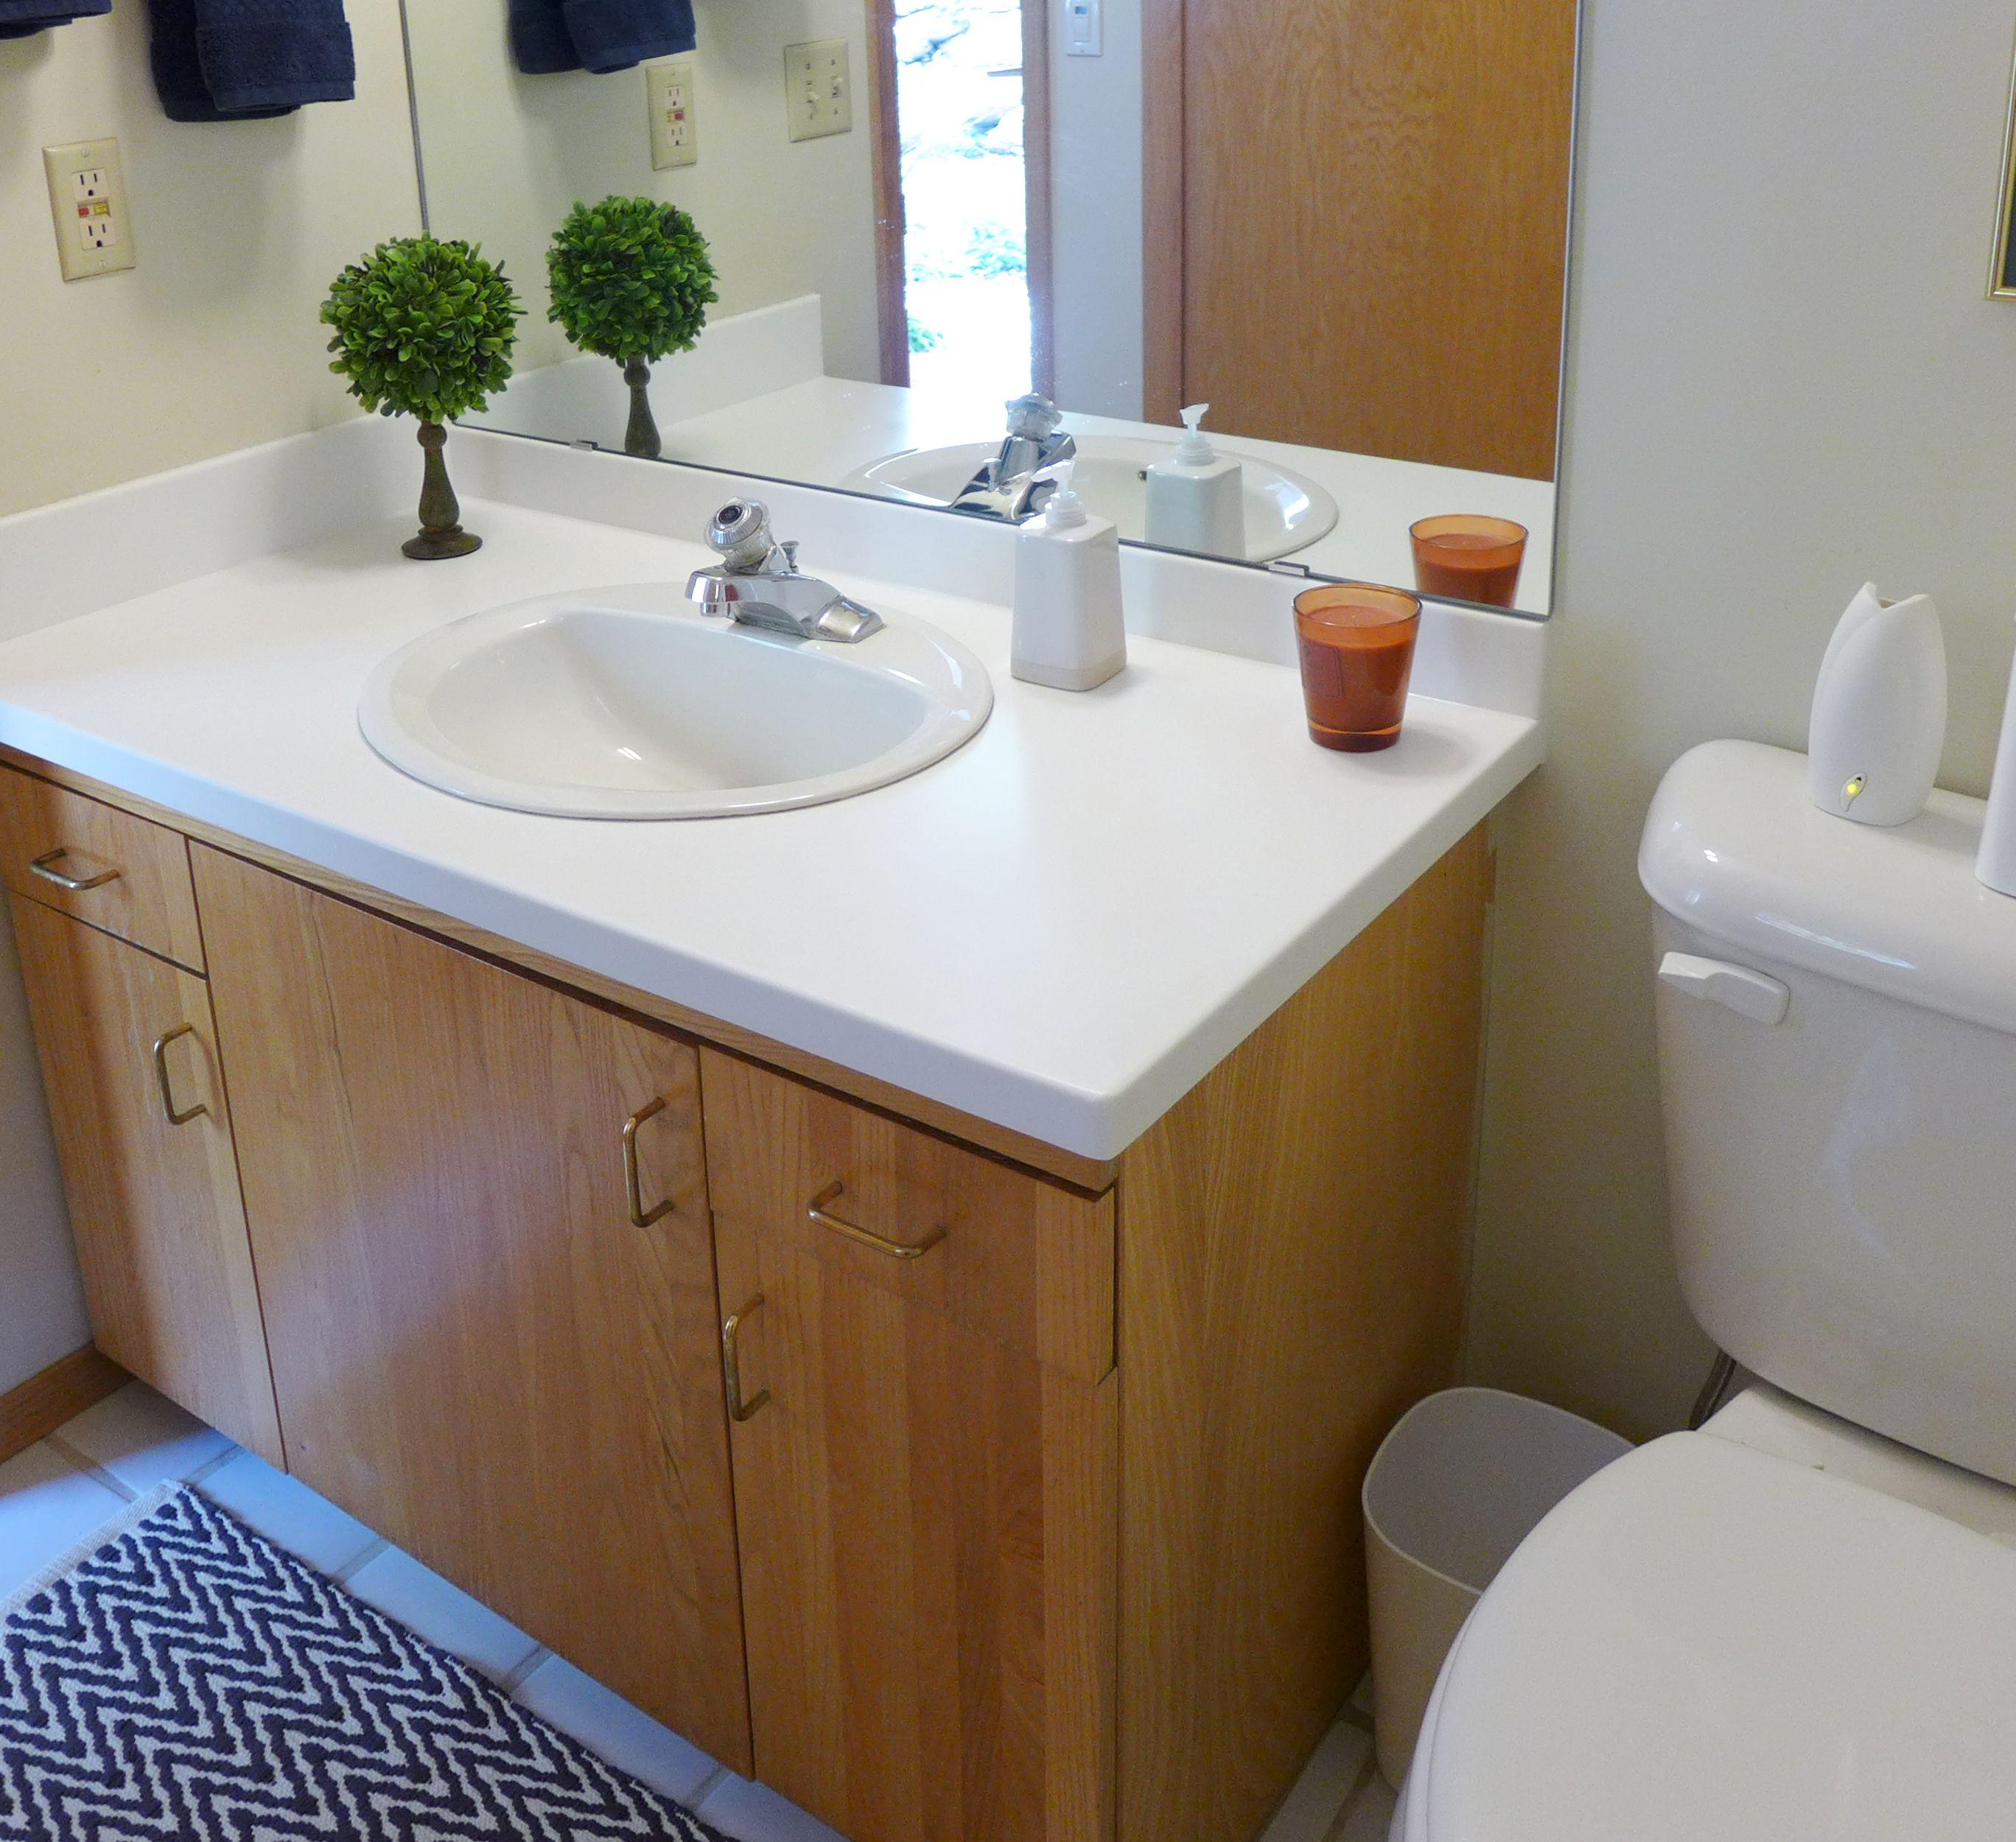 Gray Bathrooms With Accent Color: Glacier White Corian - Accent Interiors